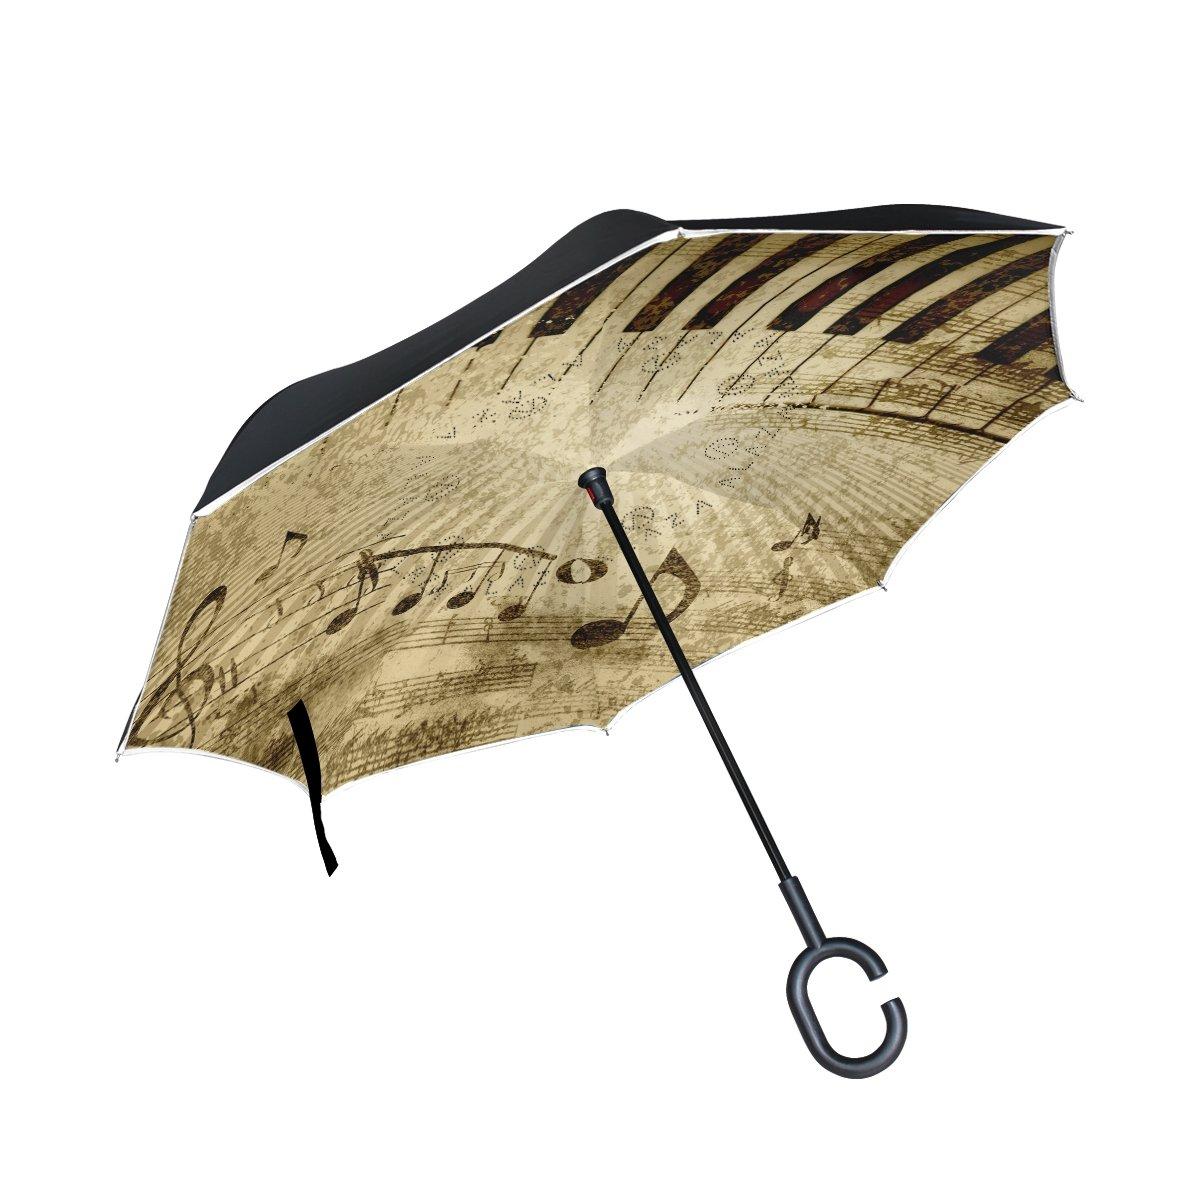 mydaily Double Layer seitenverkehrt Regenschirm Cars Rü ckseite Regenschirm Klavier Schlü ssel Musik Note Vintage winddicht UV Proof Reisen Outdoor Regenschirm